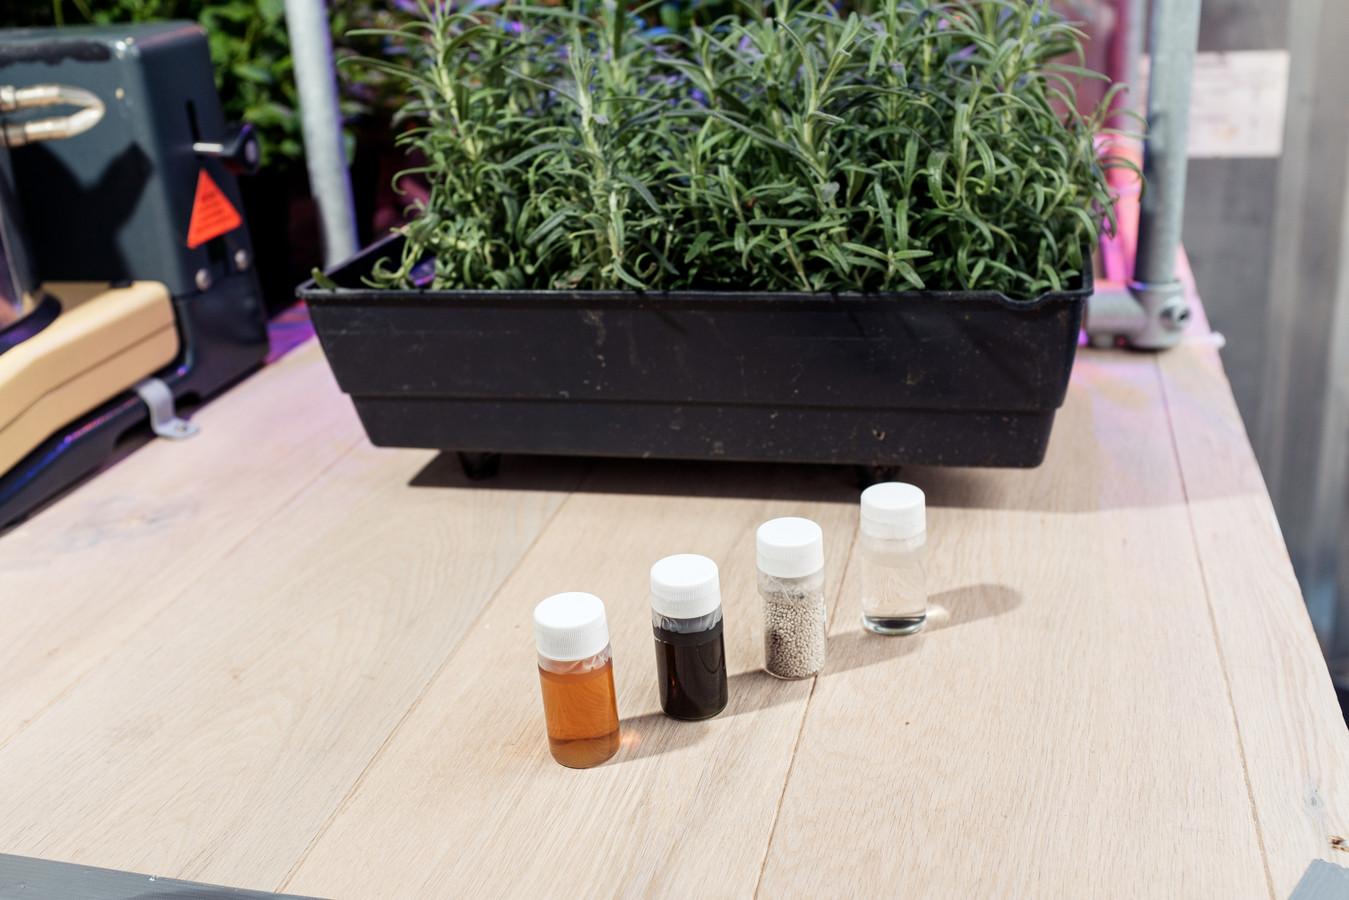 De winning begint bij een GreenPee (vorige foto) en kan zowel droge als natte mest opleveren (deze foto).